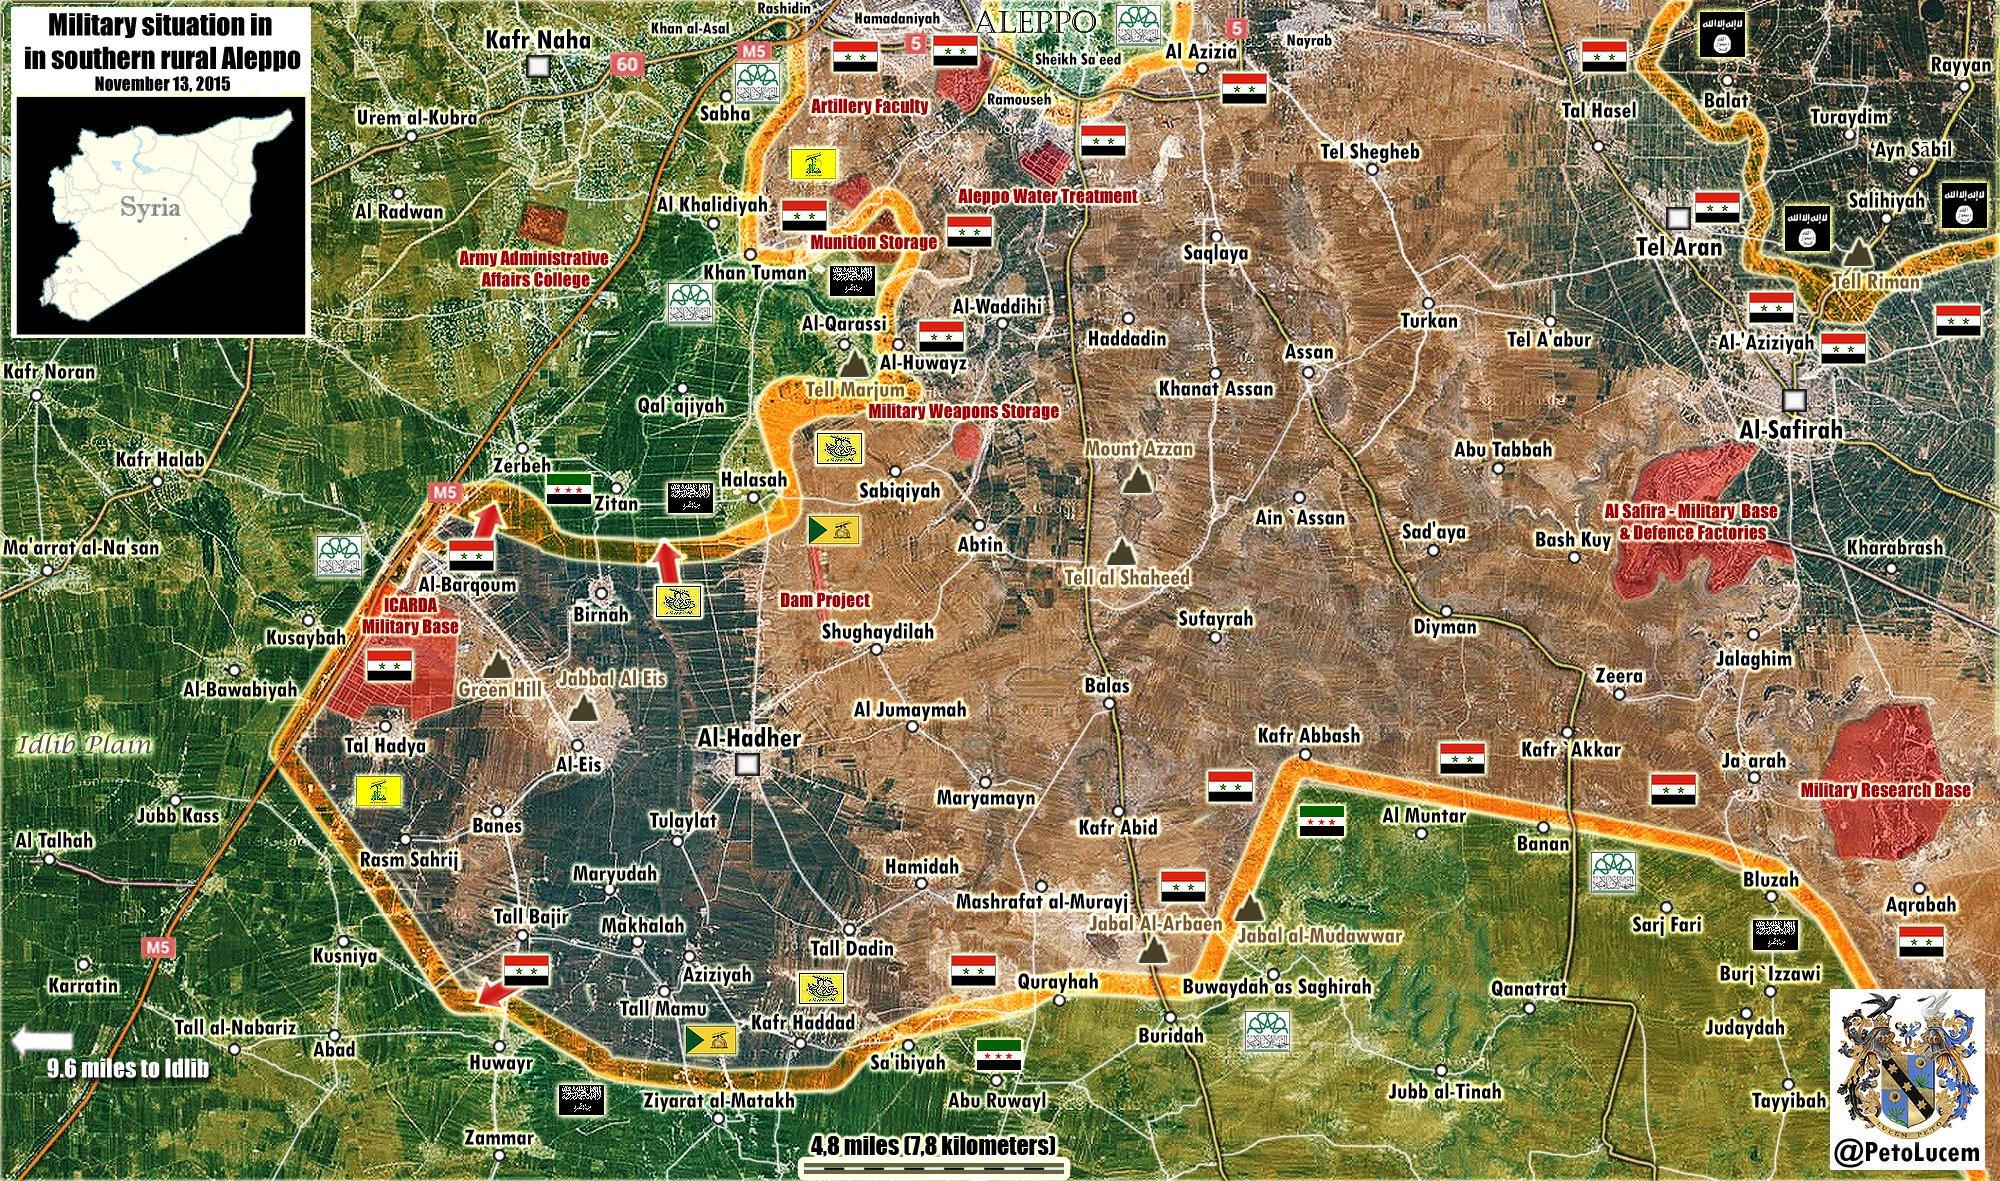 сирия сводки боев 1 12 2015 пандора качества проведенных переговоров